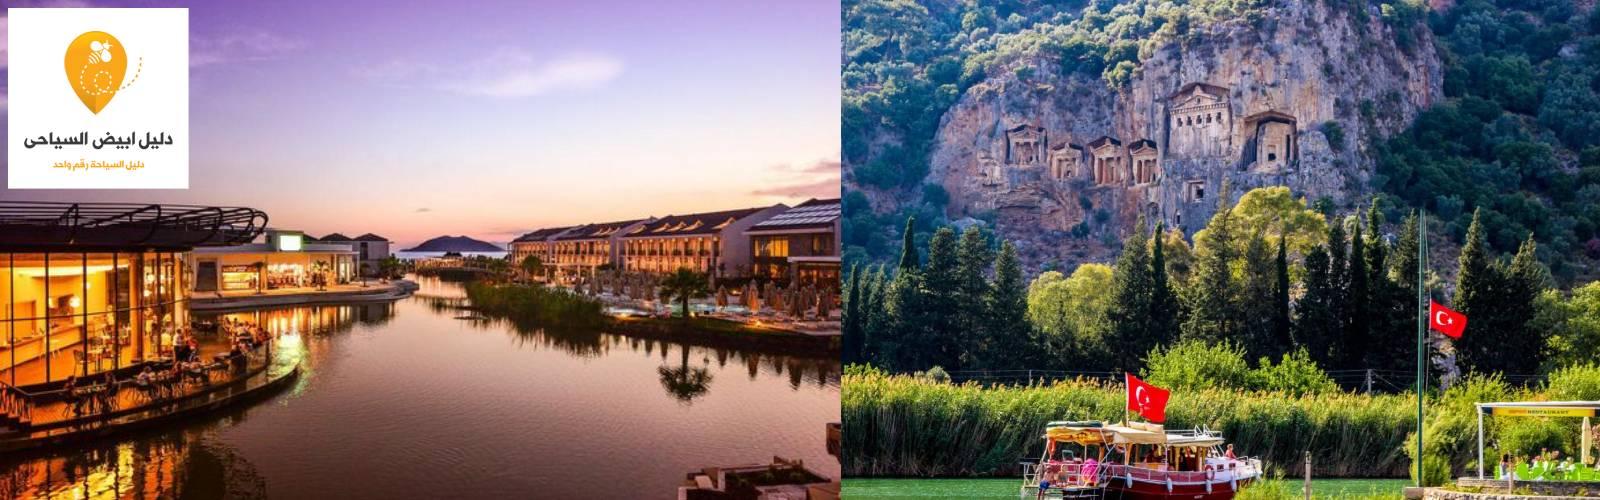 اهم 10 اماكن سياحية في فتحية